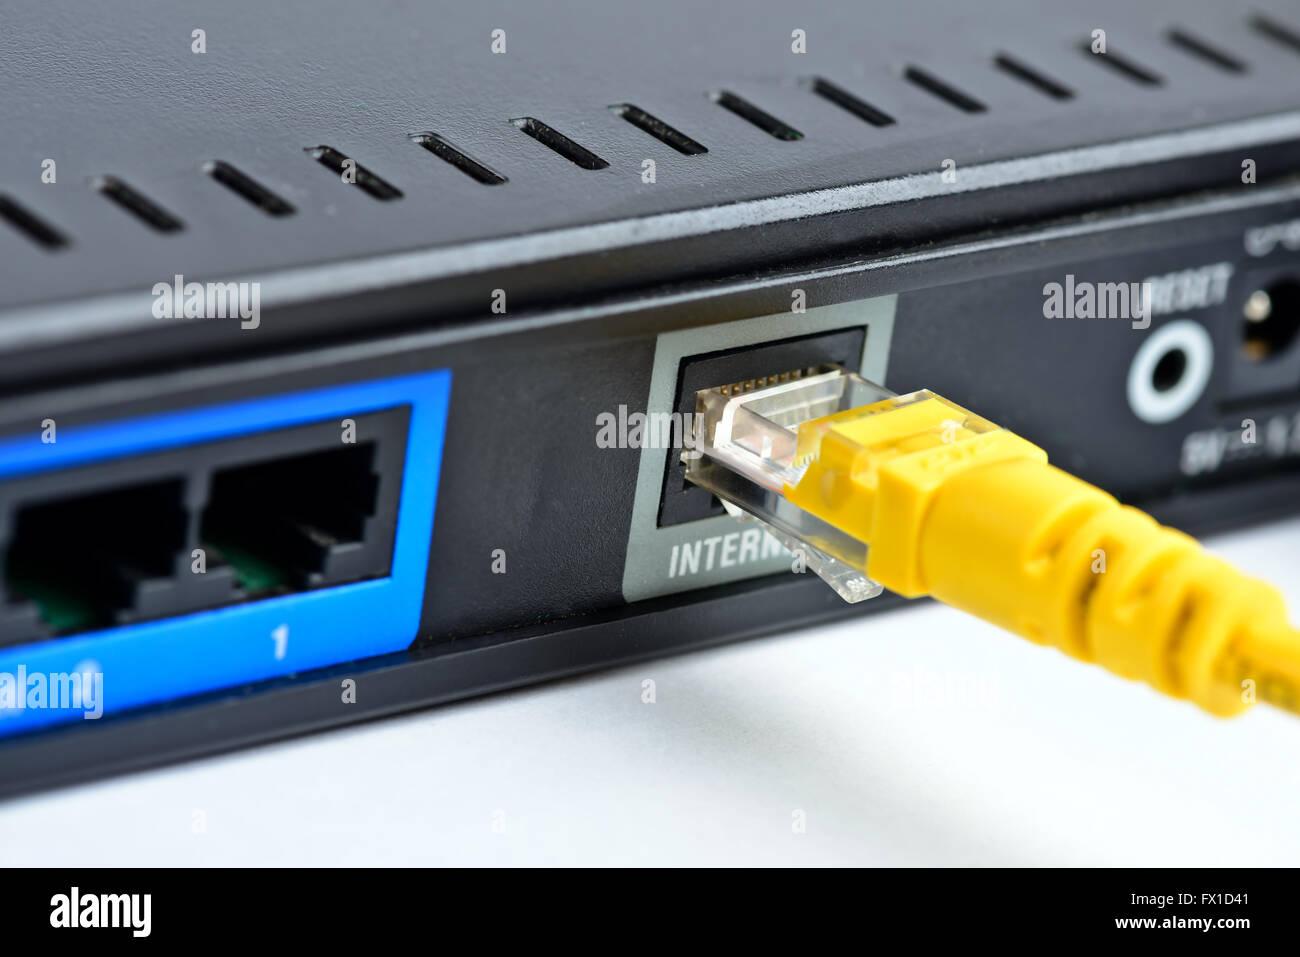 Prise et la fiche de connexion Internet Photo Stock